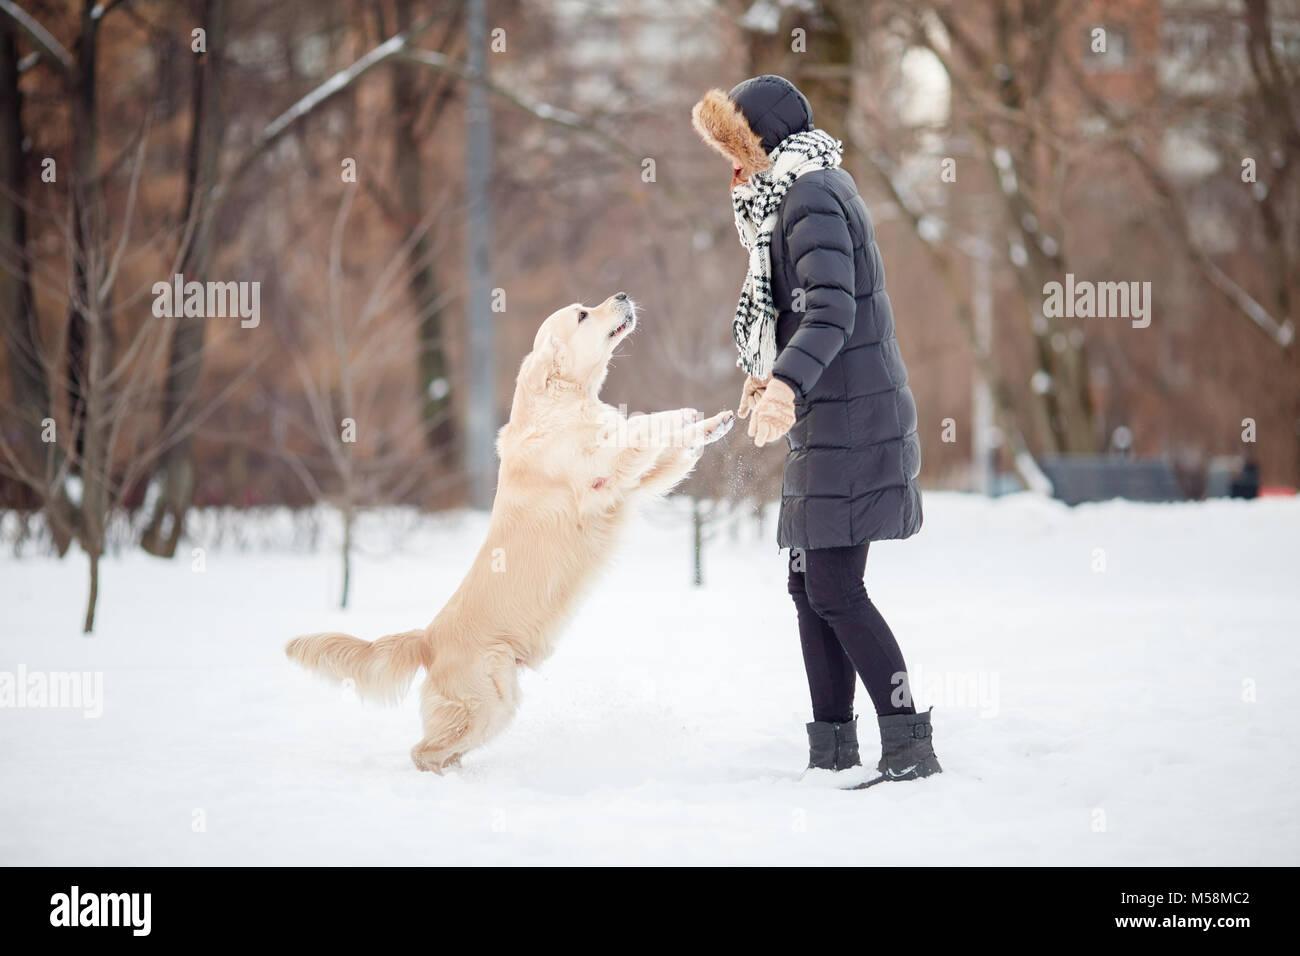 Immagine della ragazza in giacca nera gioca con il labrador a parco innevato Immagini Stock